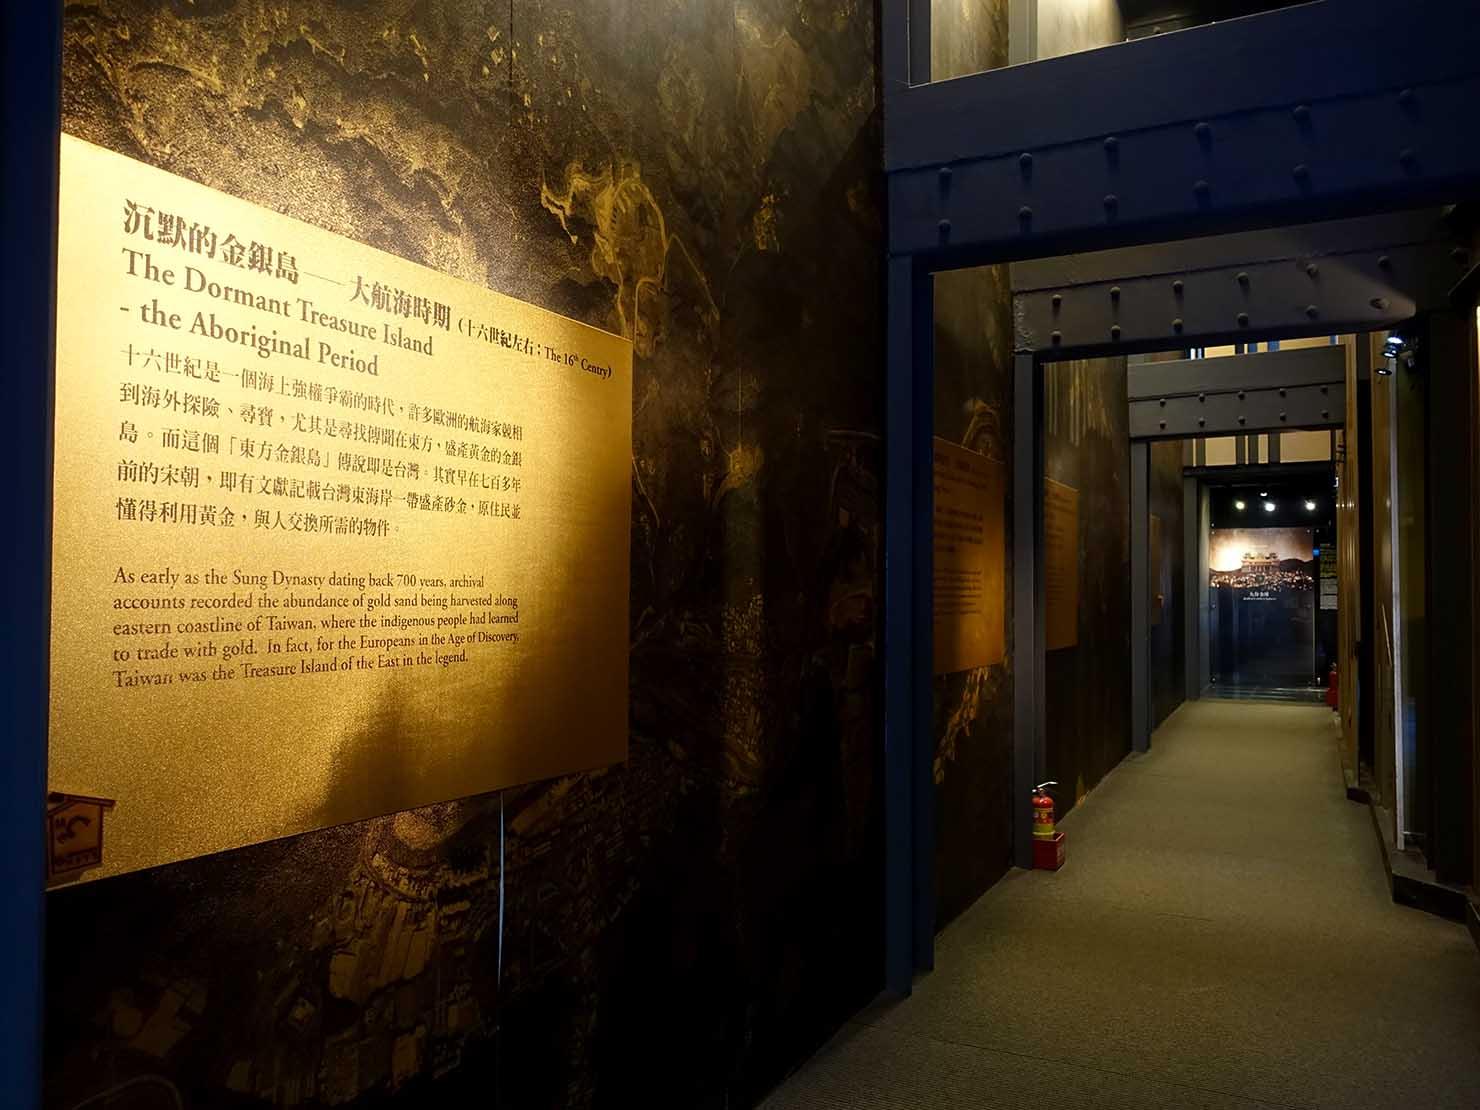 台北・金瓜石黃金博物館の館内